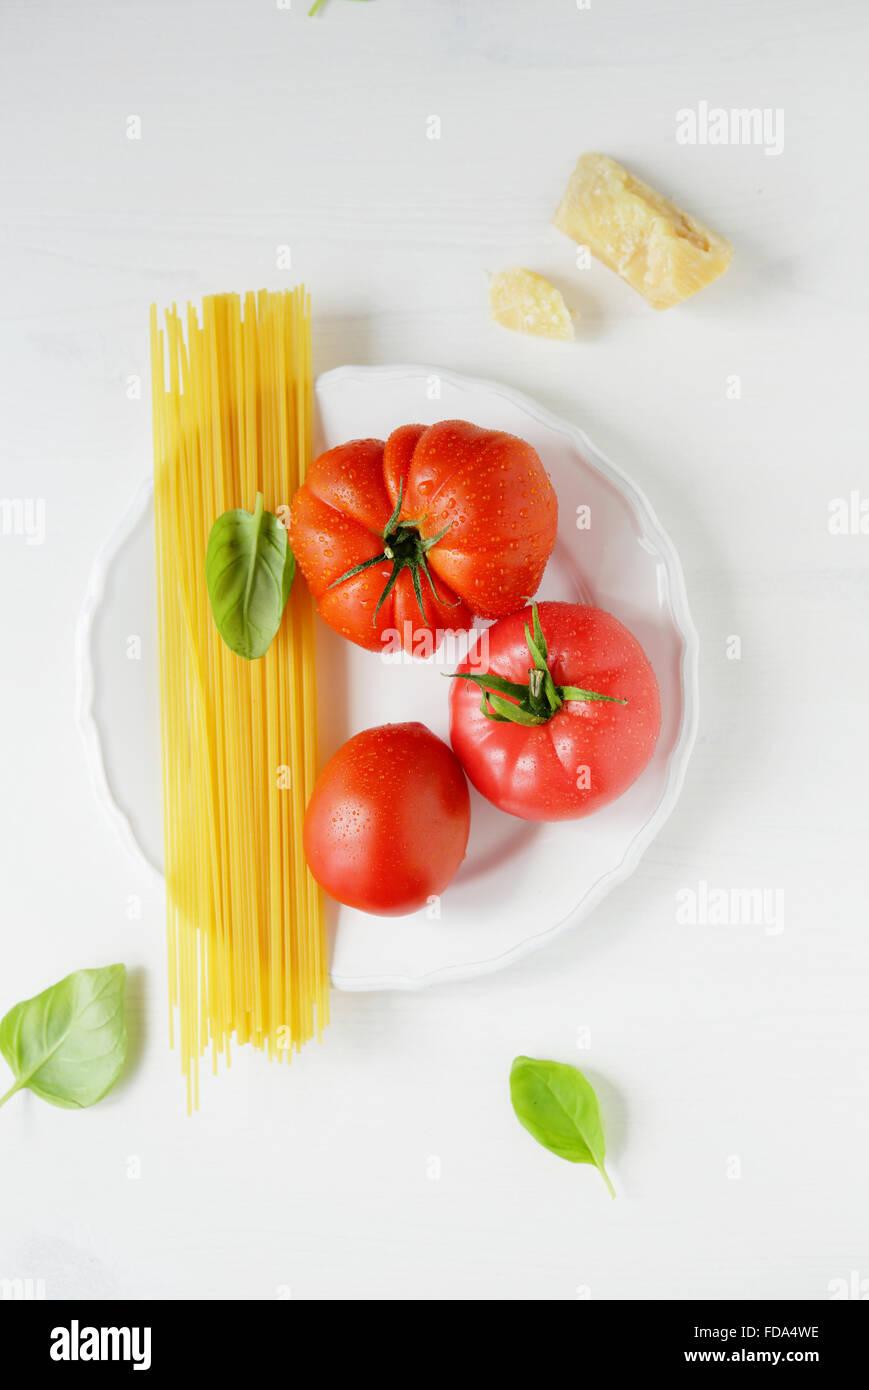 Ingrédients pâtes crues sur la plaque, de l'alimentation au-dessus Photo Stock